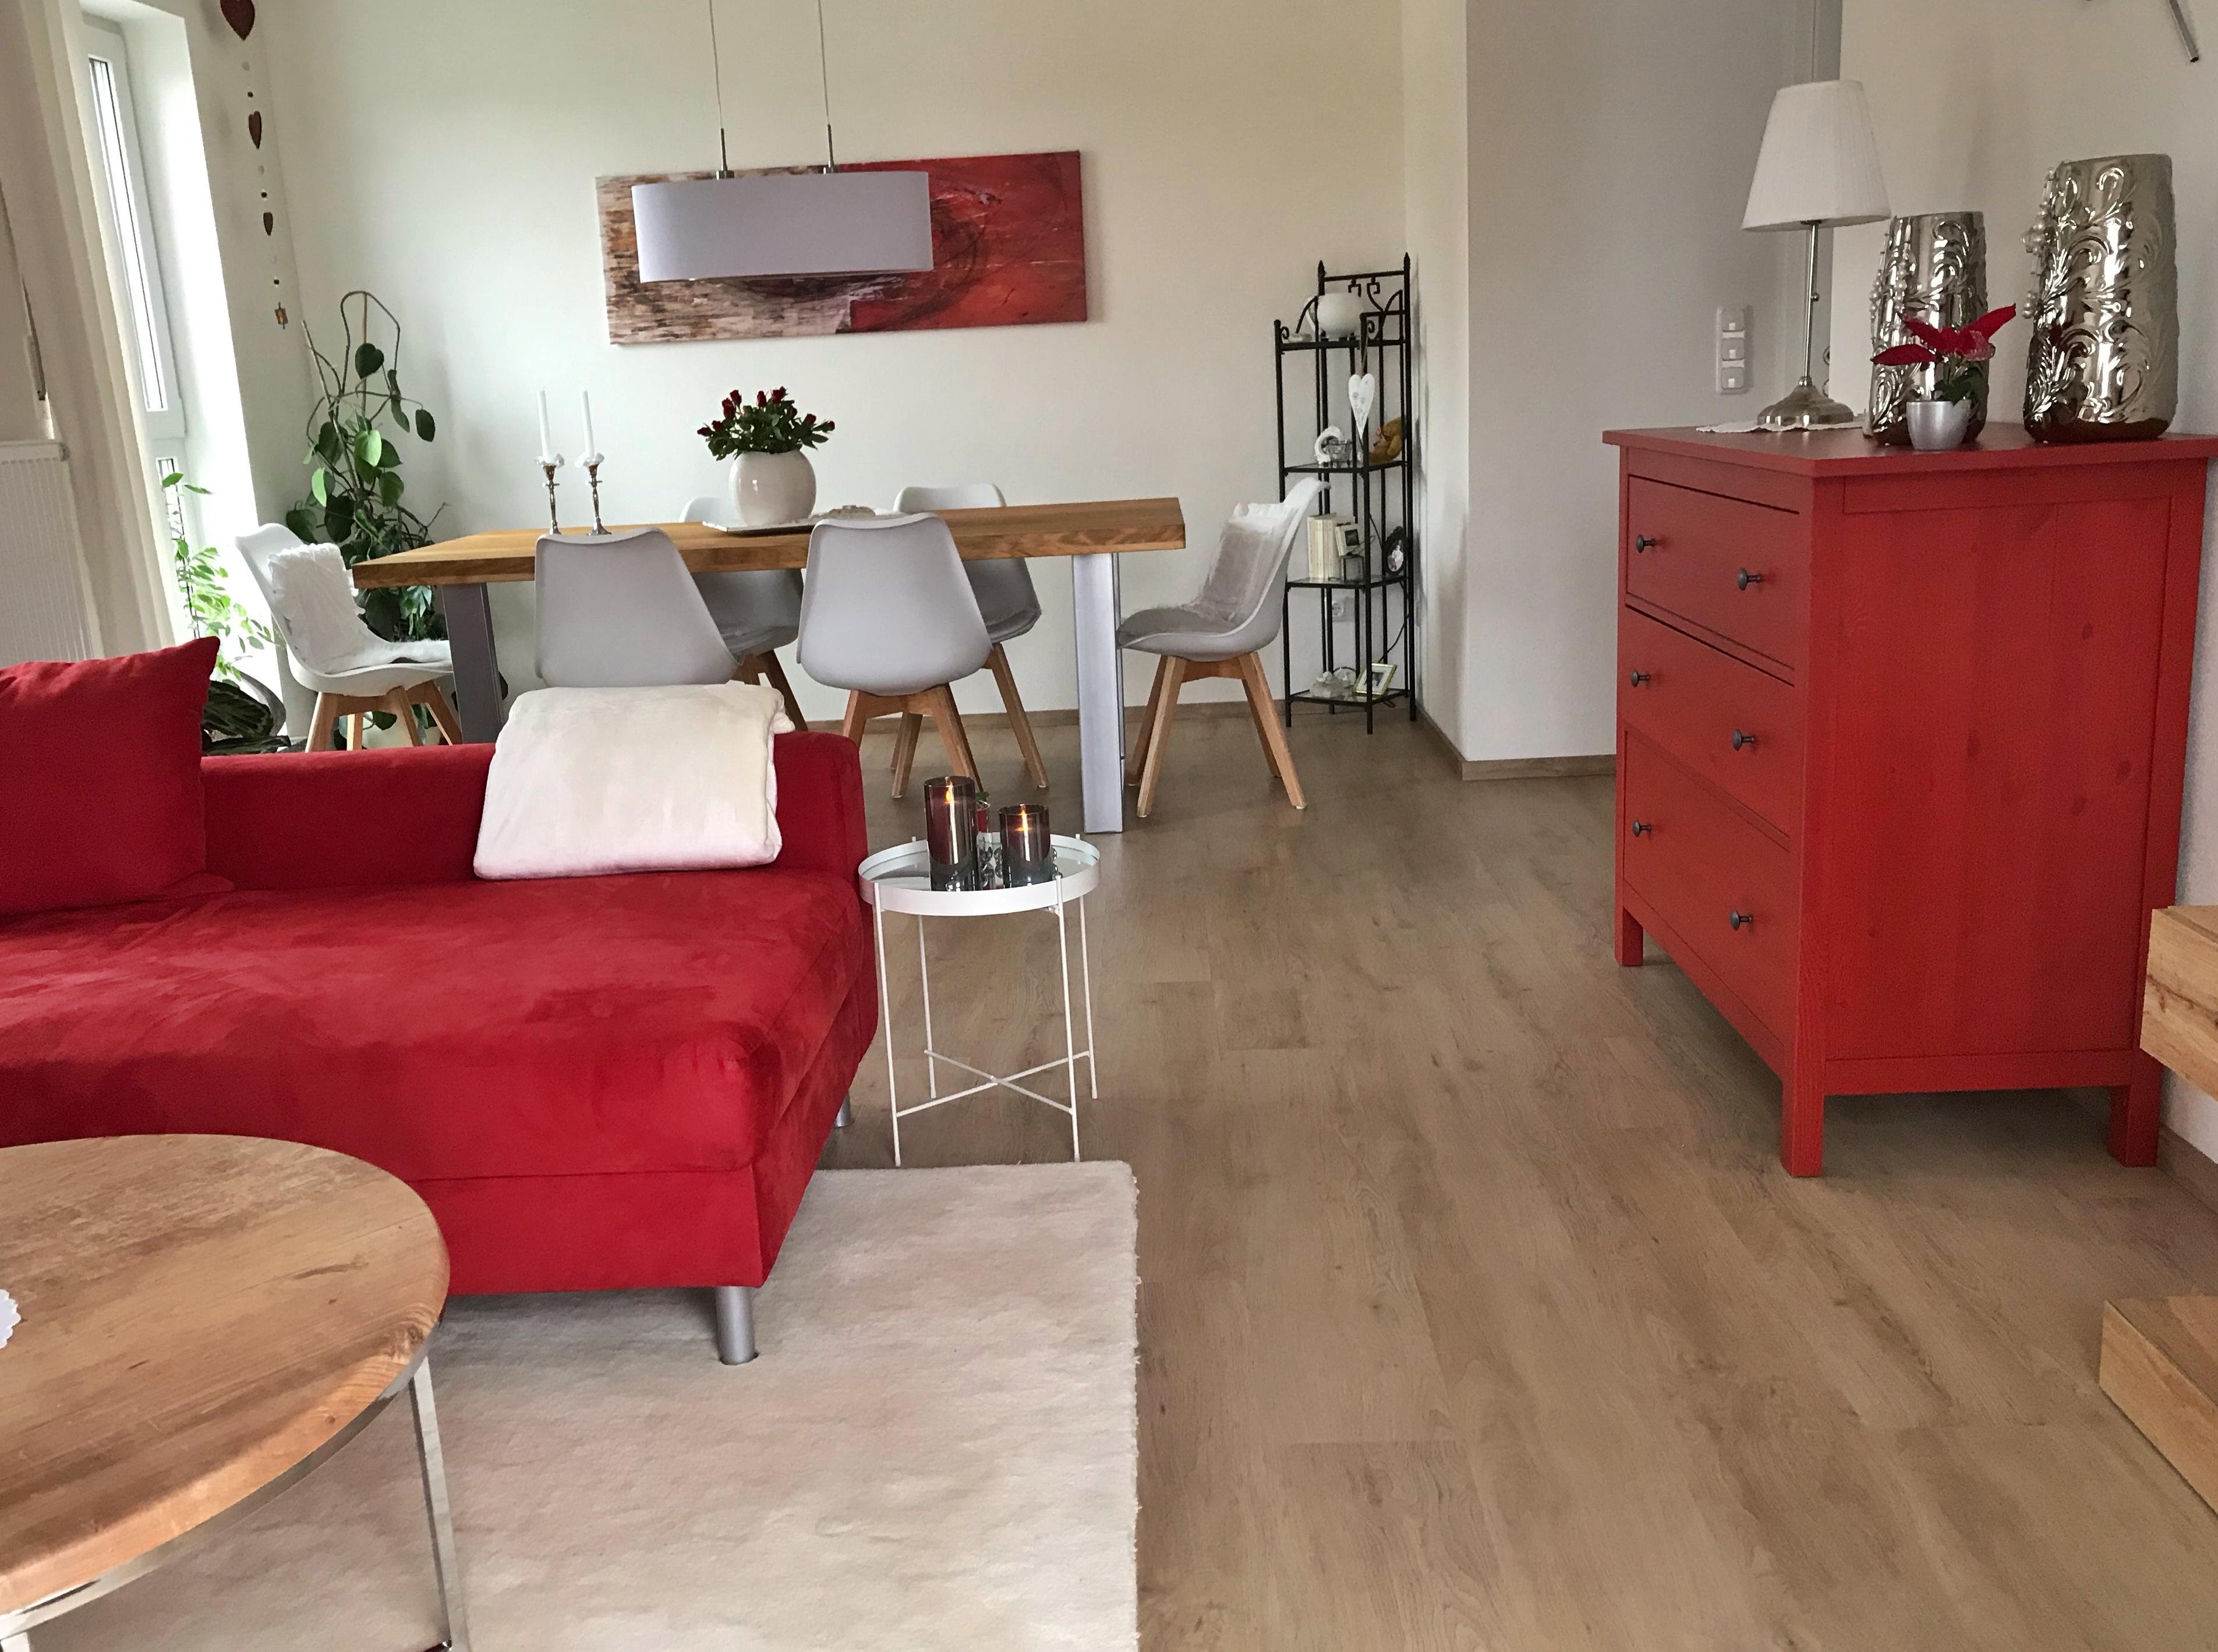 Eveline verbindet die Natur von Holz mit der Modernität.